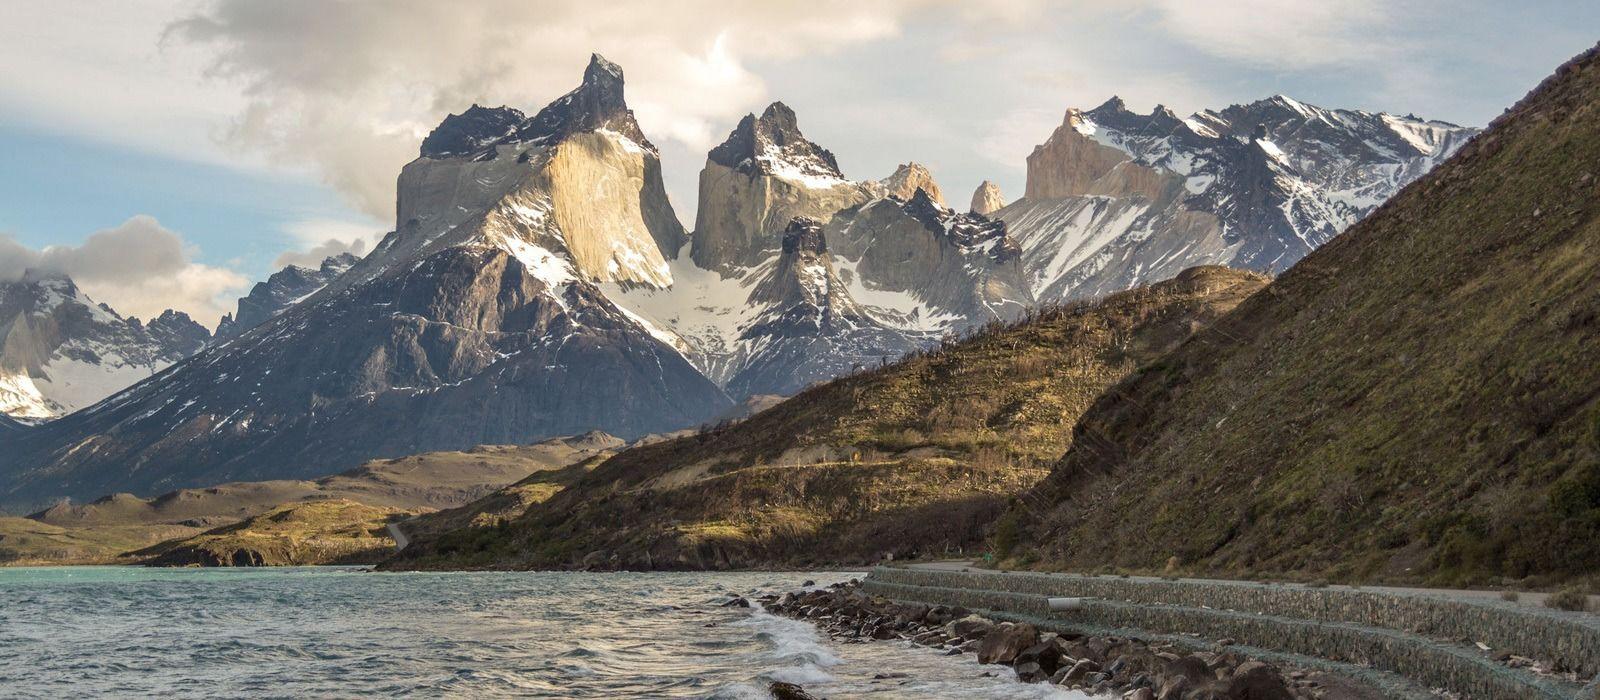 Wanderreise in Patagonien Urlaub 2